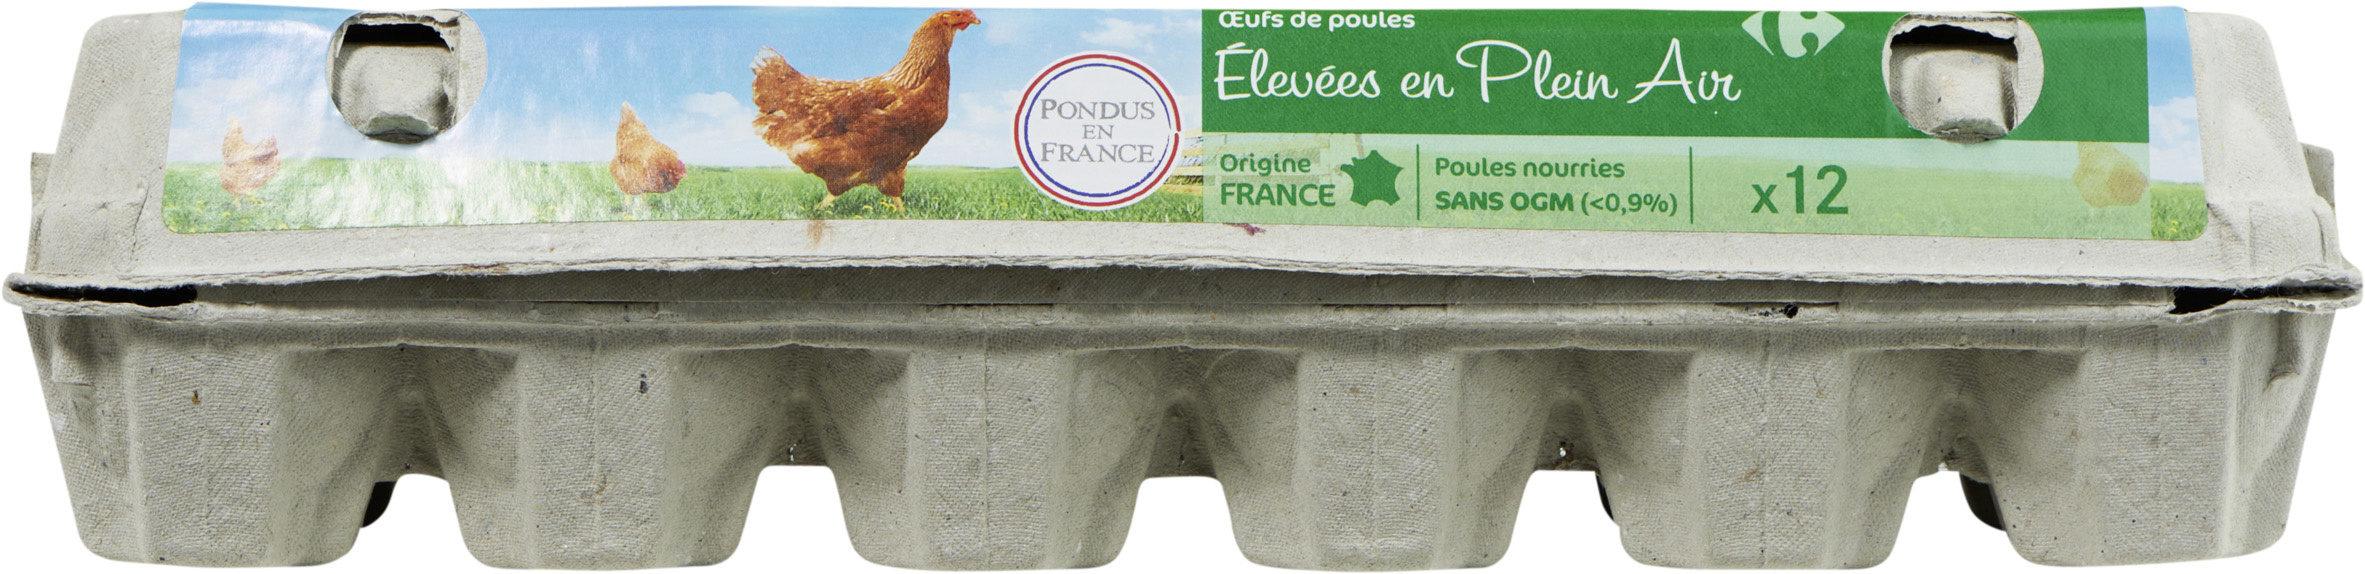 Œufs de poules Elevées en plein air - Produit